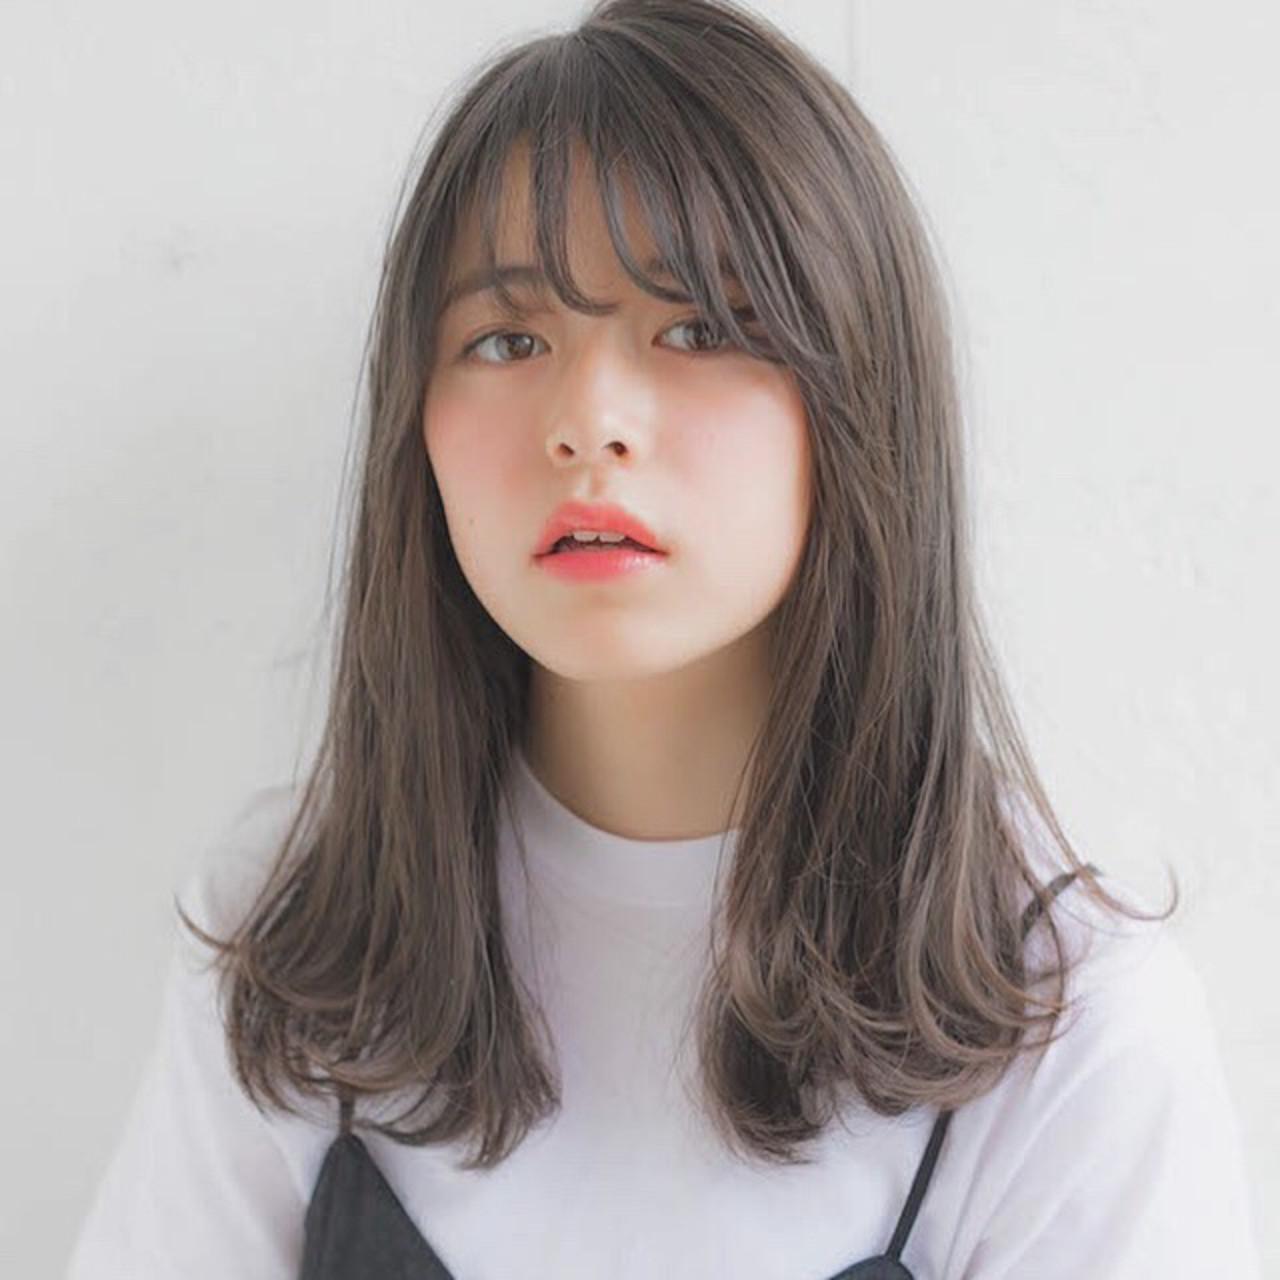 【セミロング】シースルー前髪で大人可愛く♡ 竹澤 優/relian銀座Top stylist